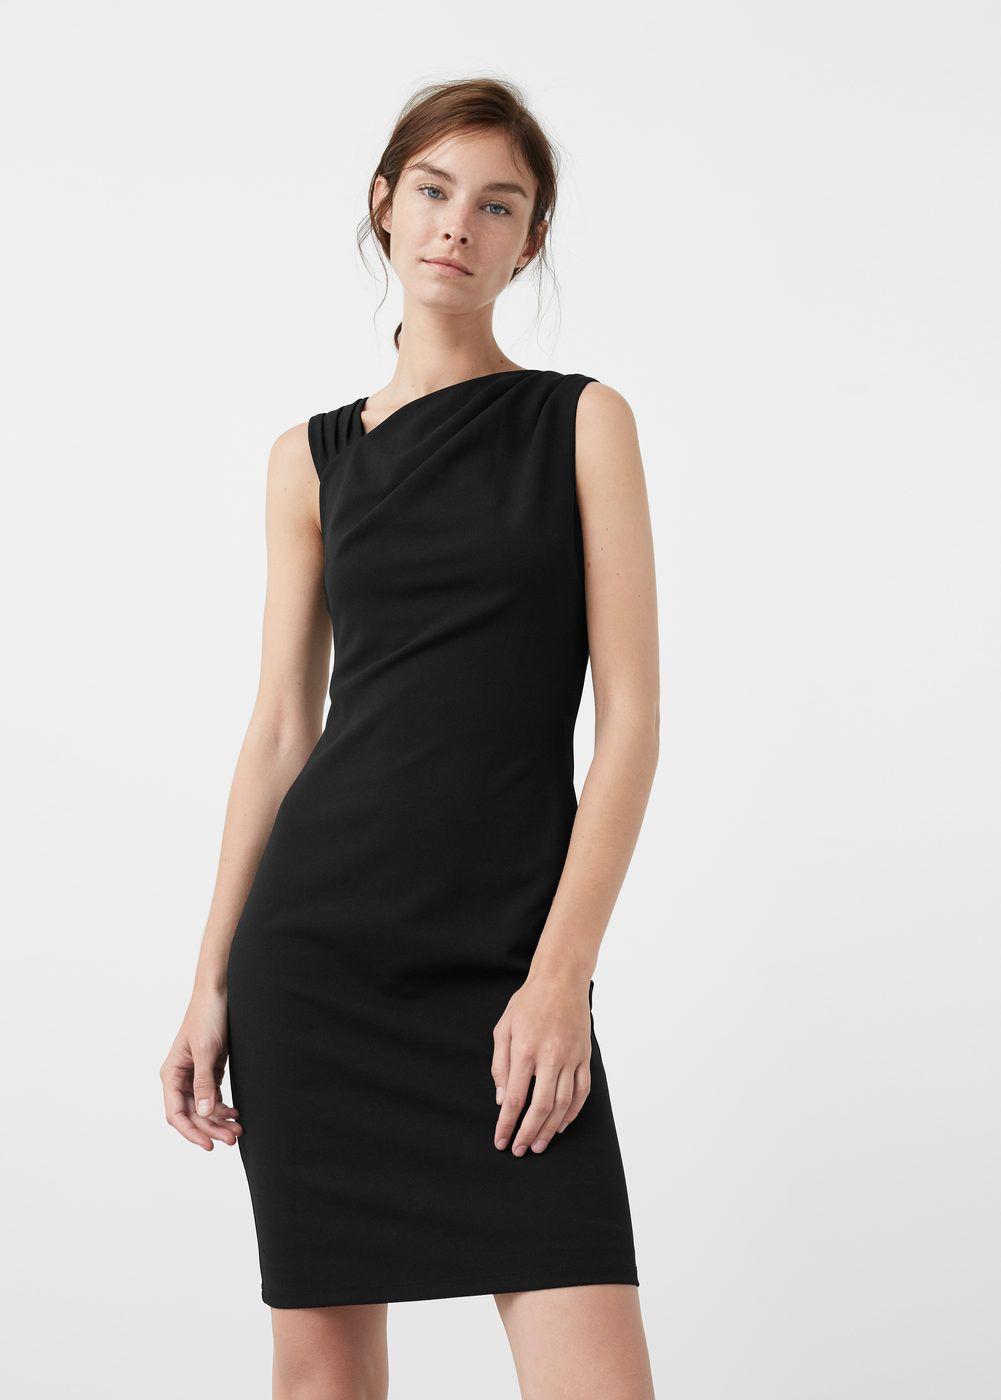 462d0c063 Vestido cuello drapeado - Vestidos de Mujer